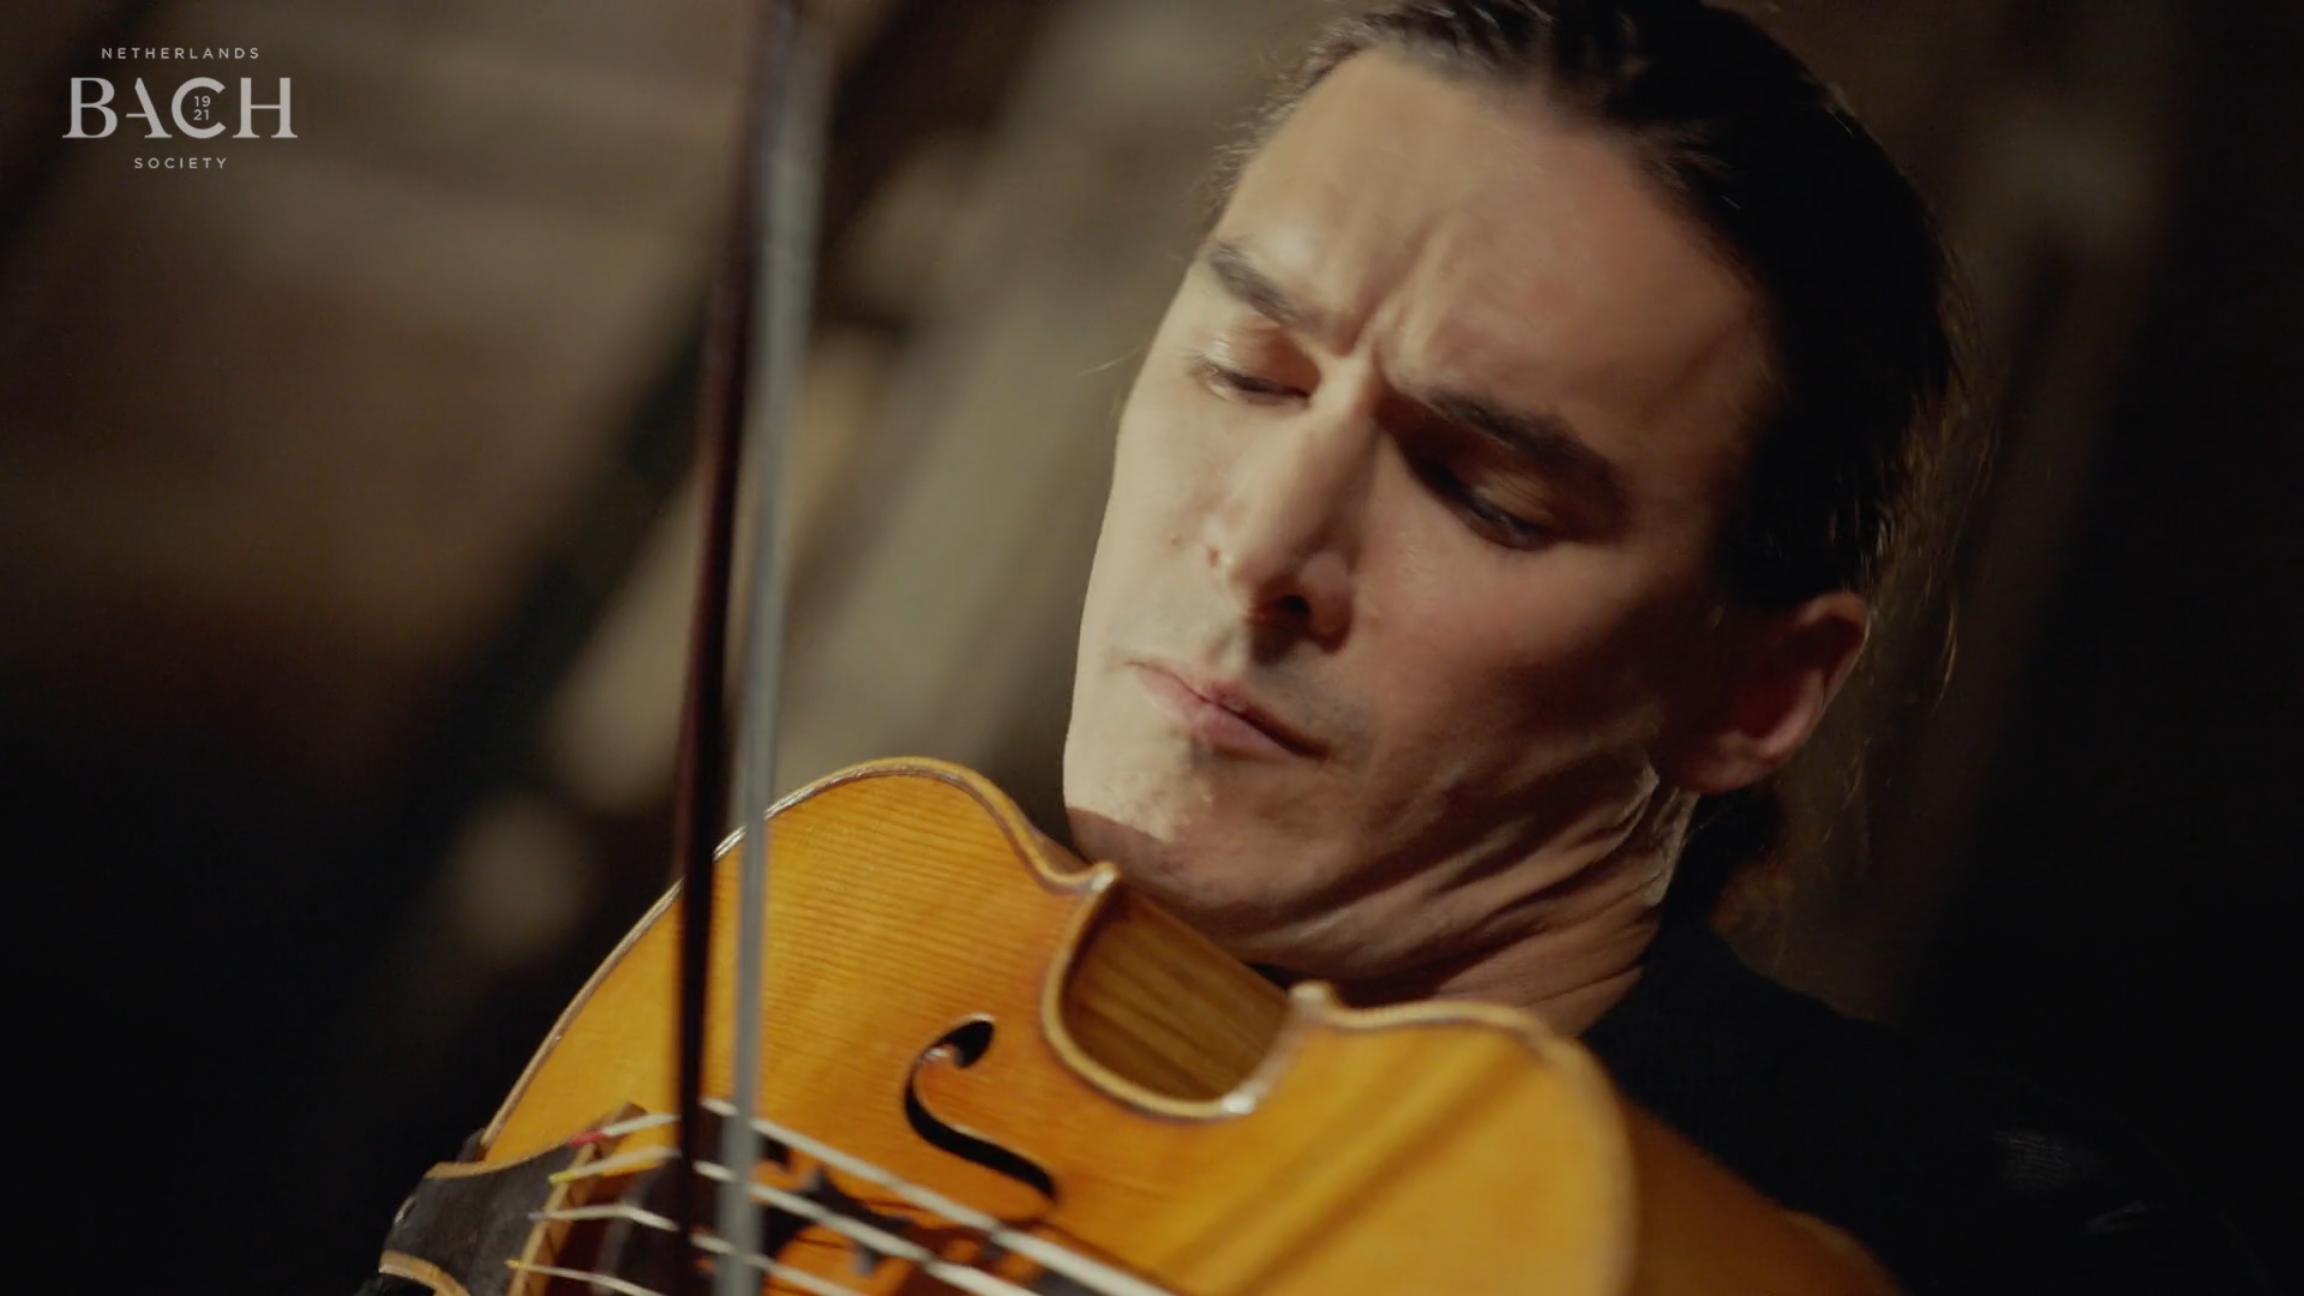 Cello Suite no. 6 in D major